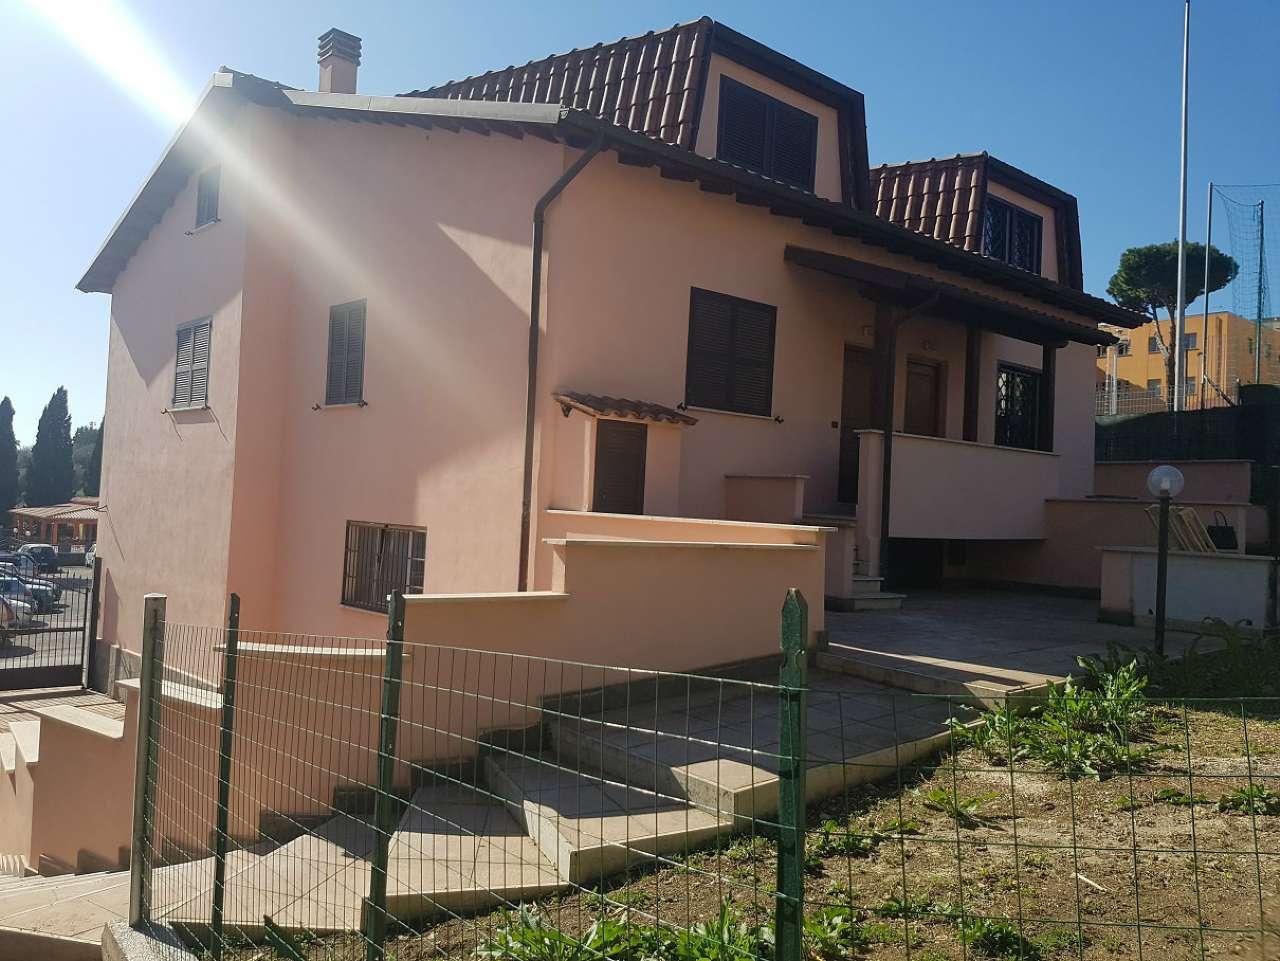 Villa in vendita a Capena, 4 locali, prezzo € 175.000 | CambioCasa.it